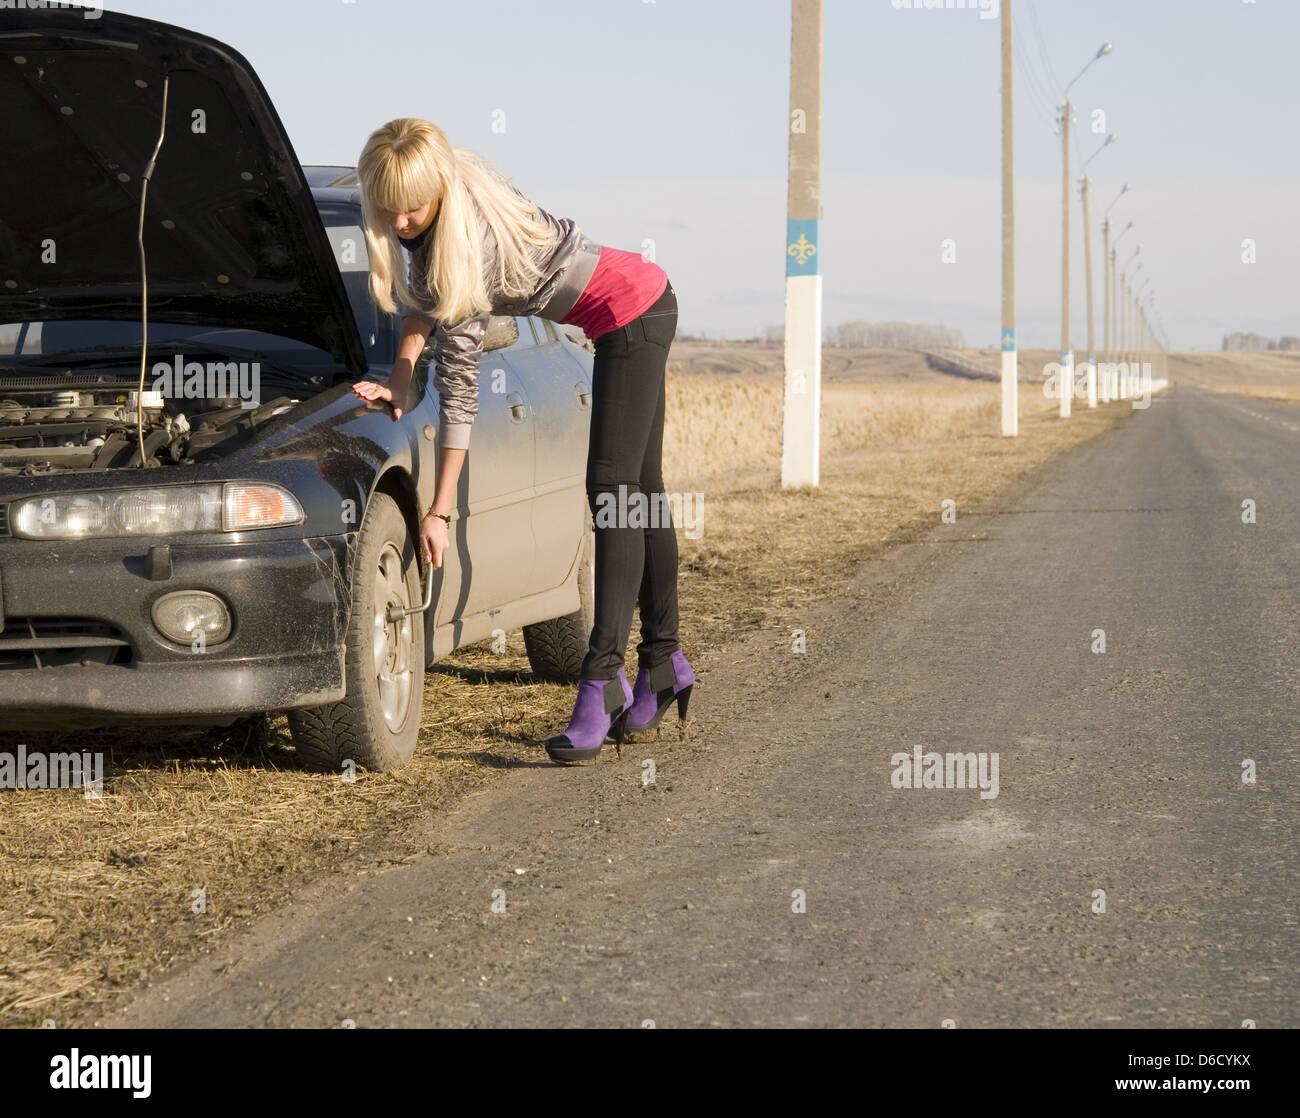 У девушки в дороге сломалась машина и она рассчиталась натурой 7 фотография